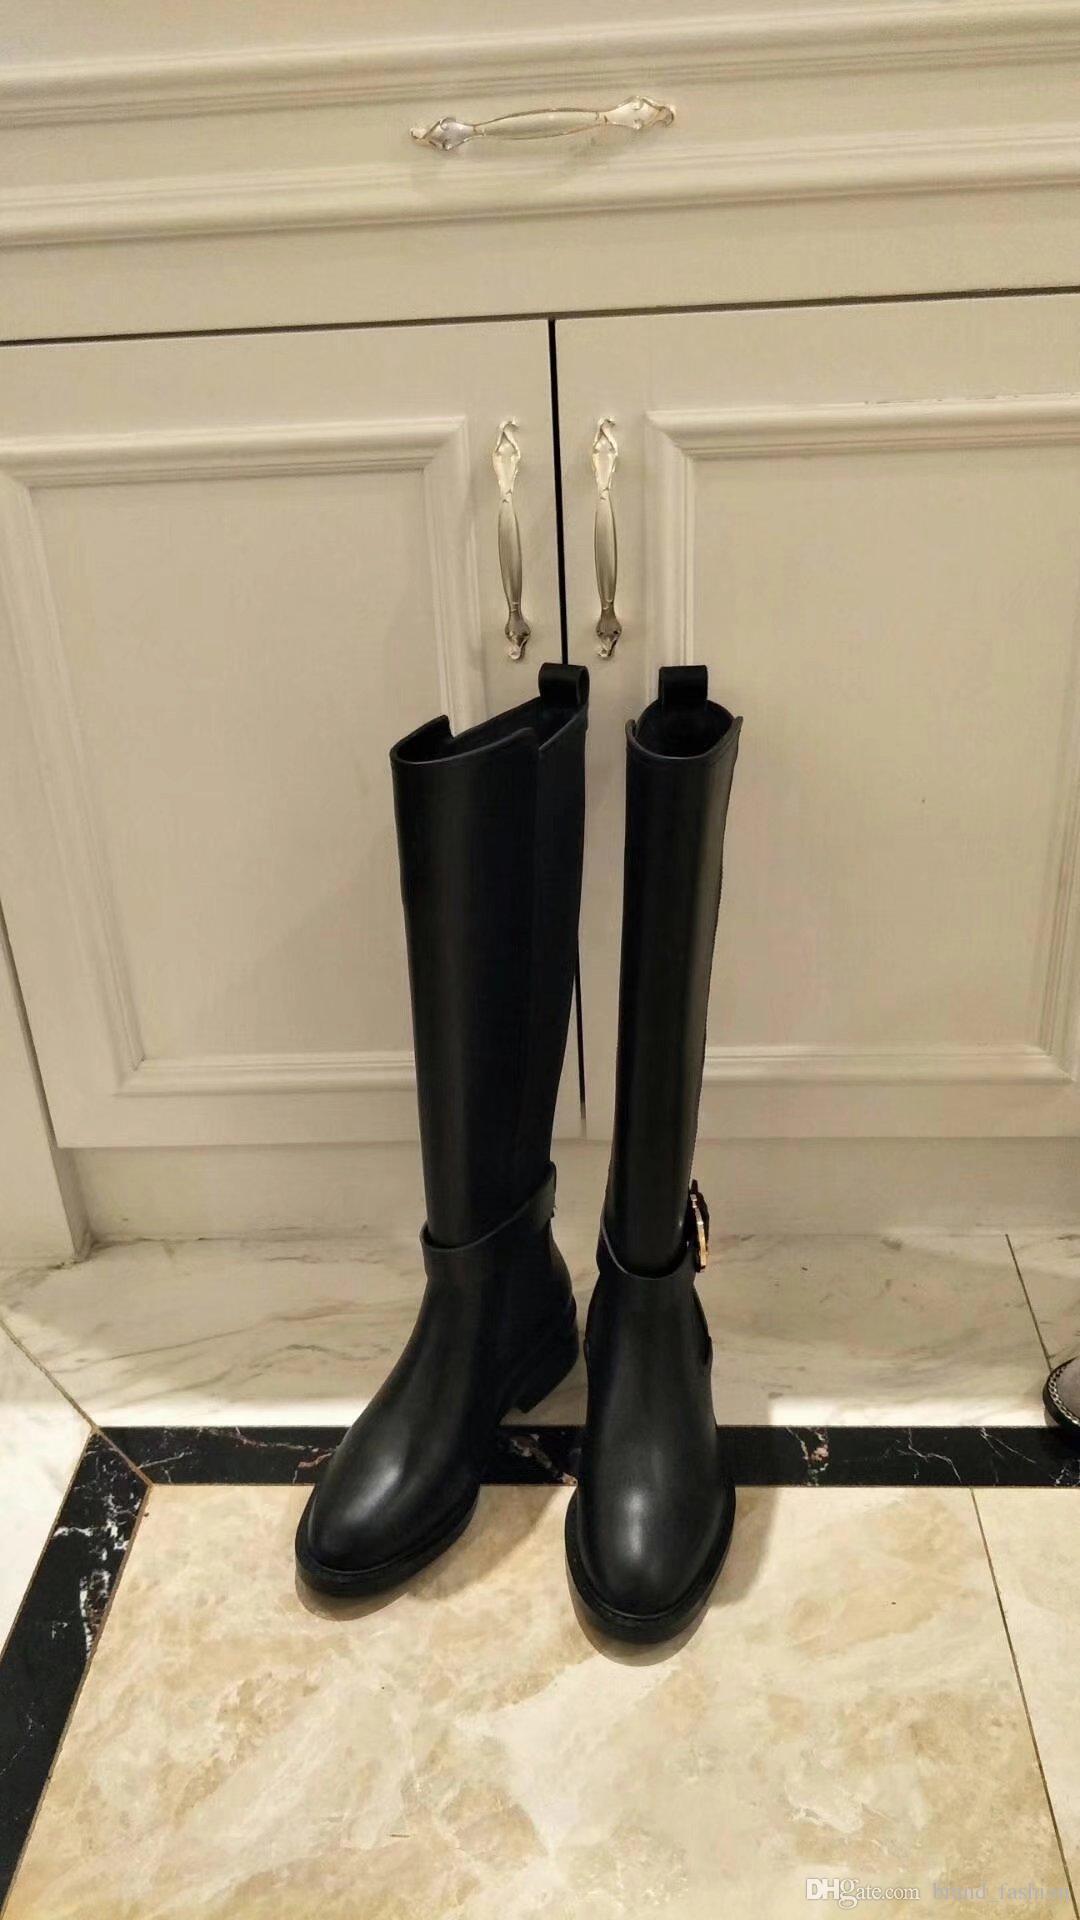 Kadınlar için marka Toka Motosiklet Çizmeler Düz topuk Bayan Şövalye Boot